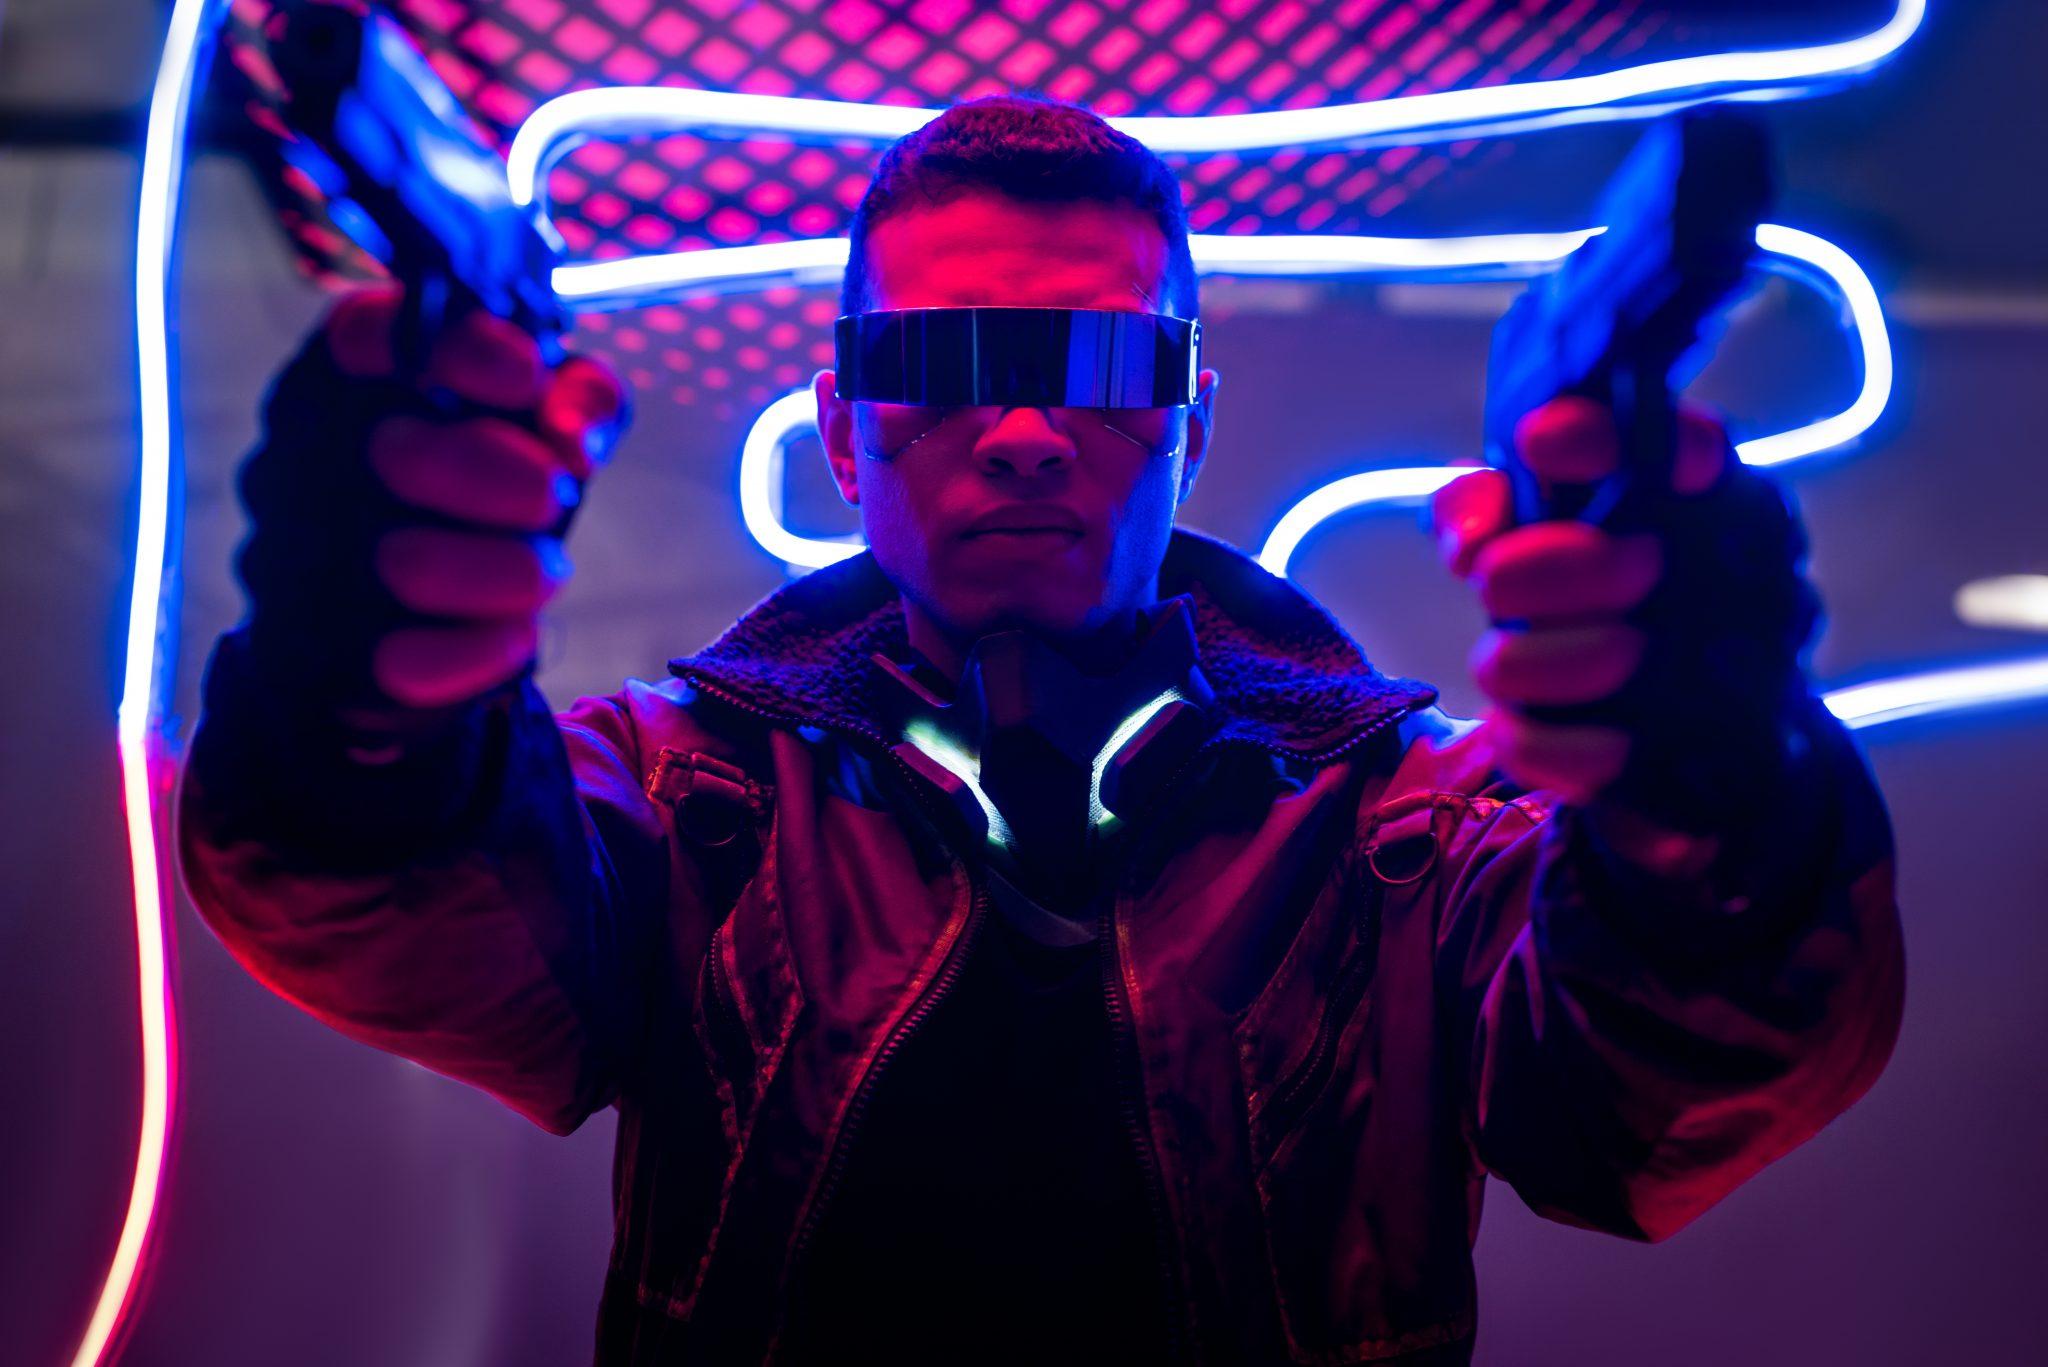 Cyberpunk – gra dla gamerów?